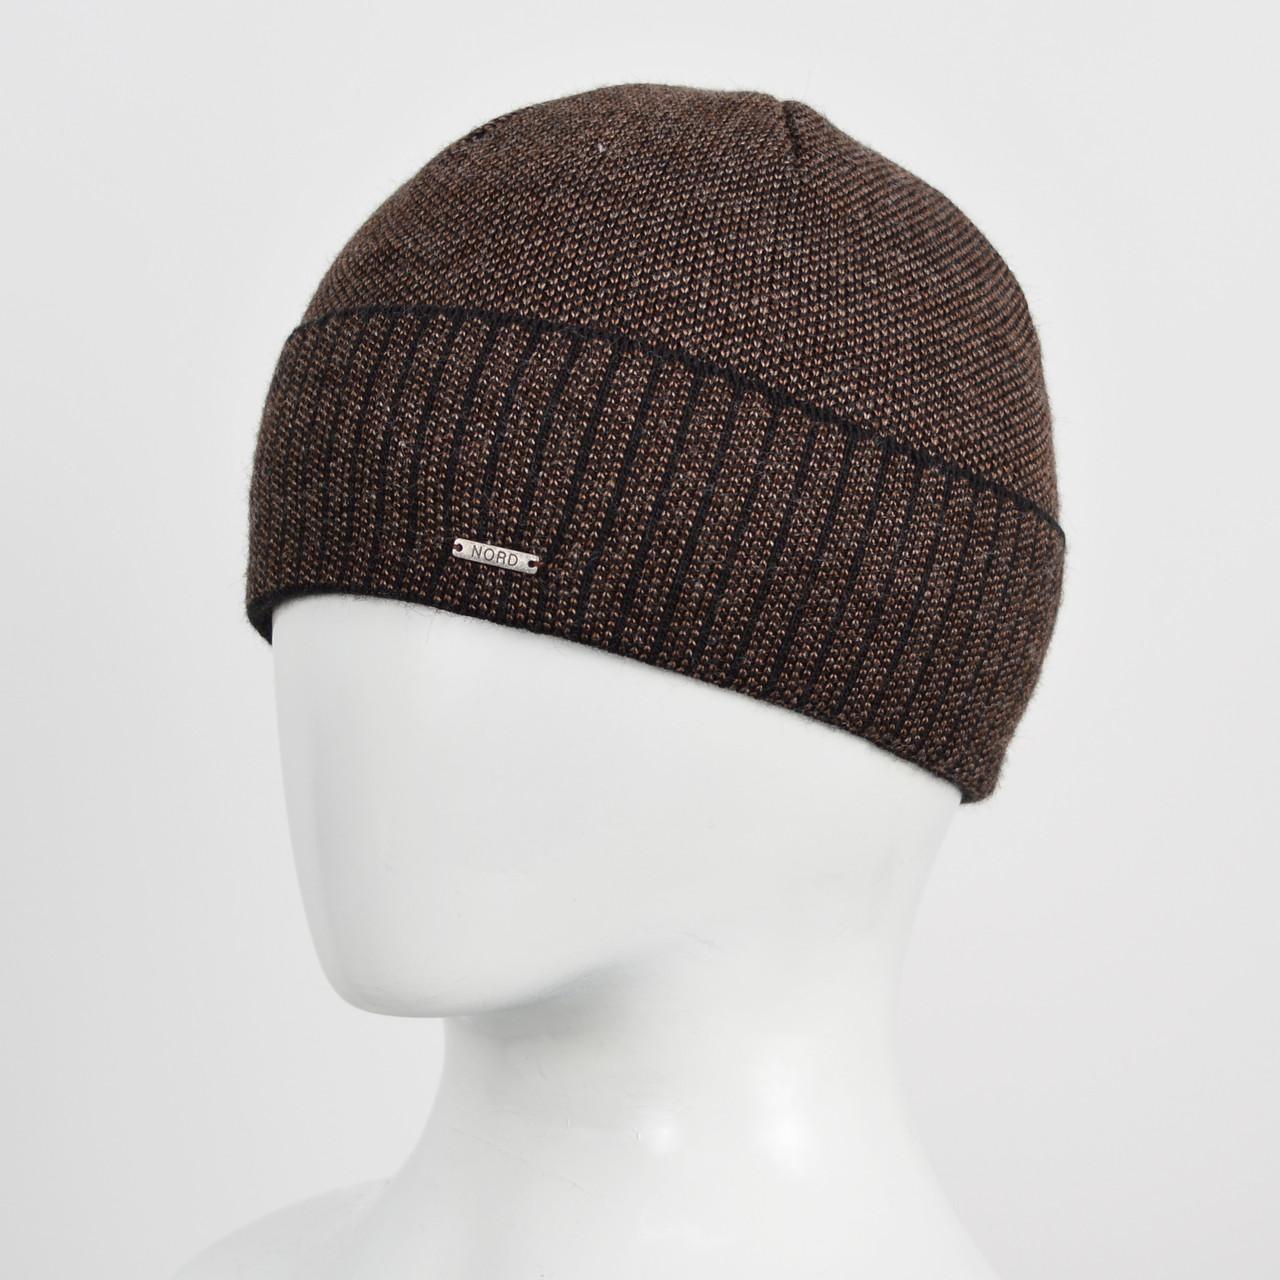 Вязаная шапка Nord на флисе 171712 черн+корич, фото 1